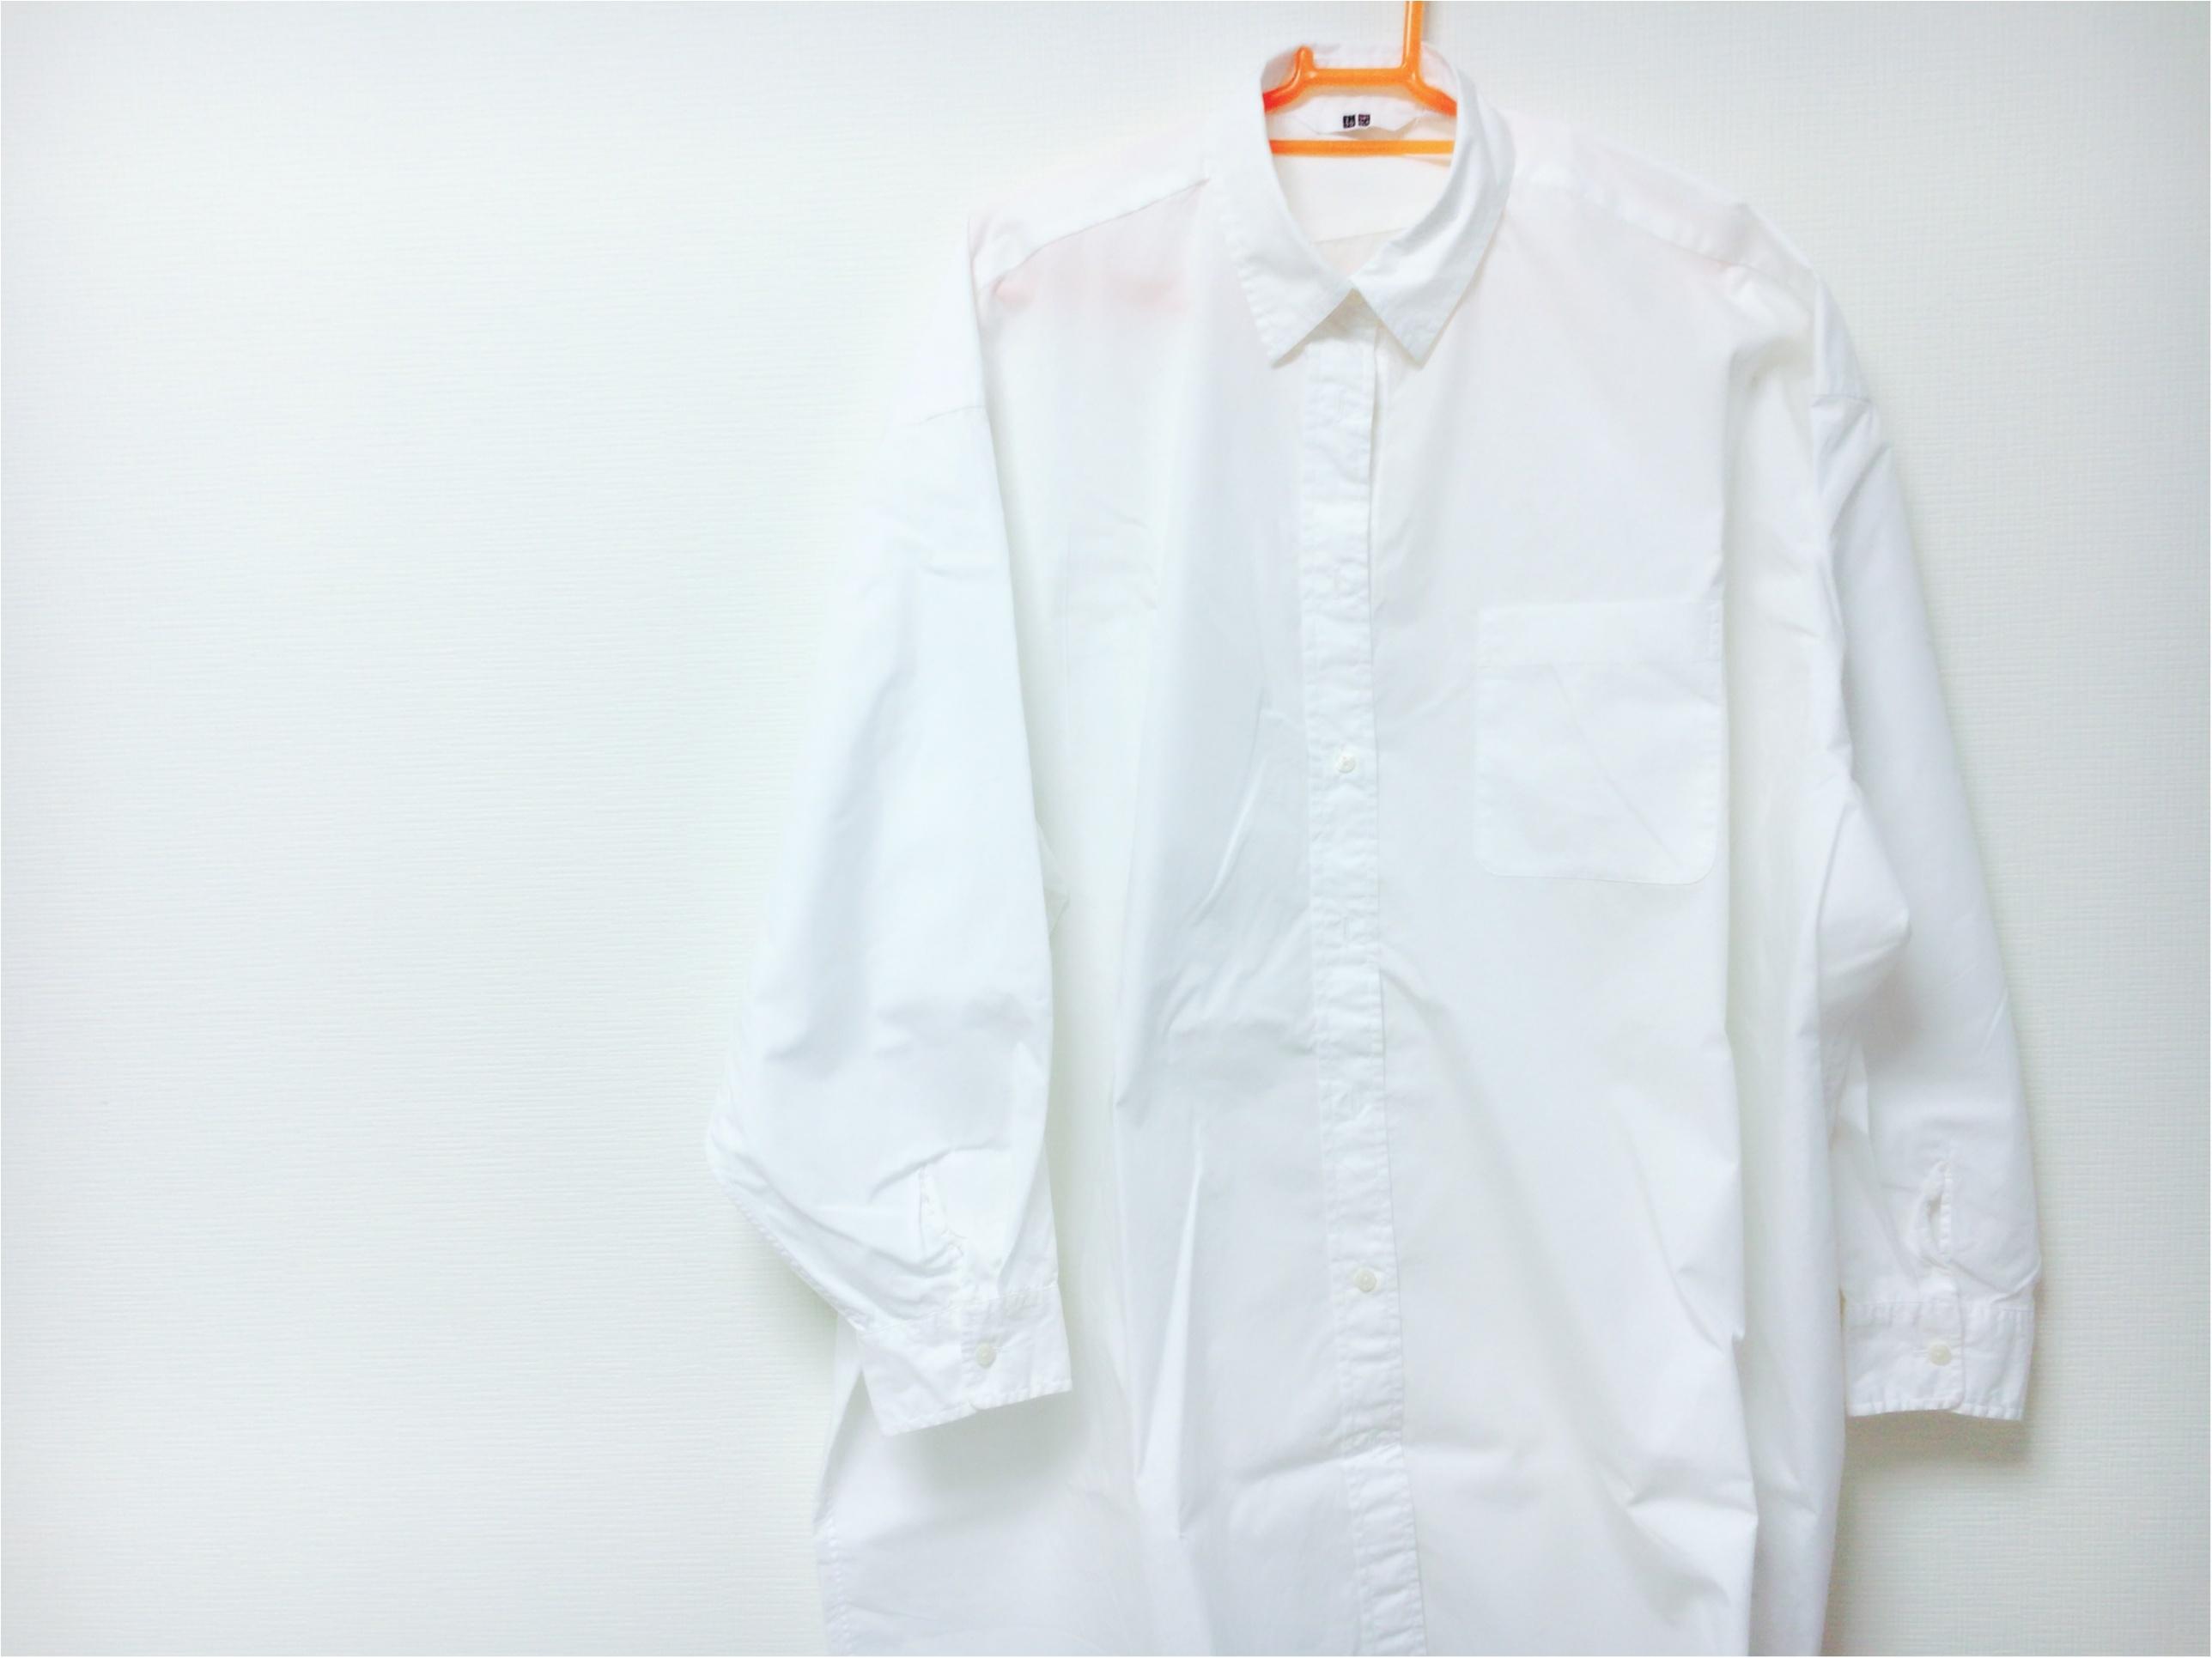 【UNIQLO】これ1枚でこなれ感❤️ユニクロで《今買うべき1着》はマルチに使えるコレ!!_2